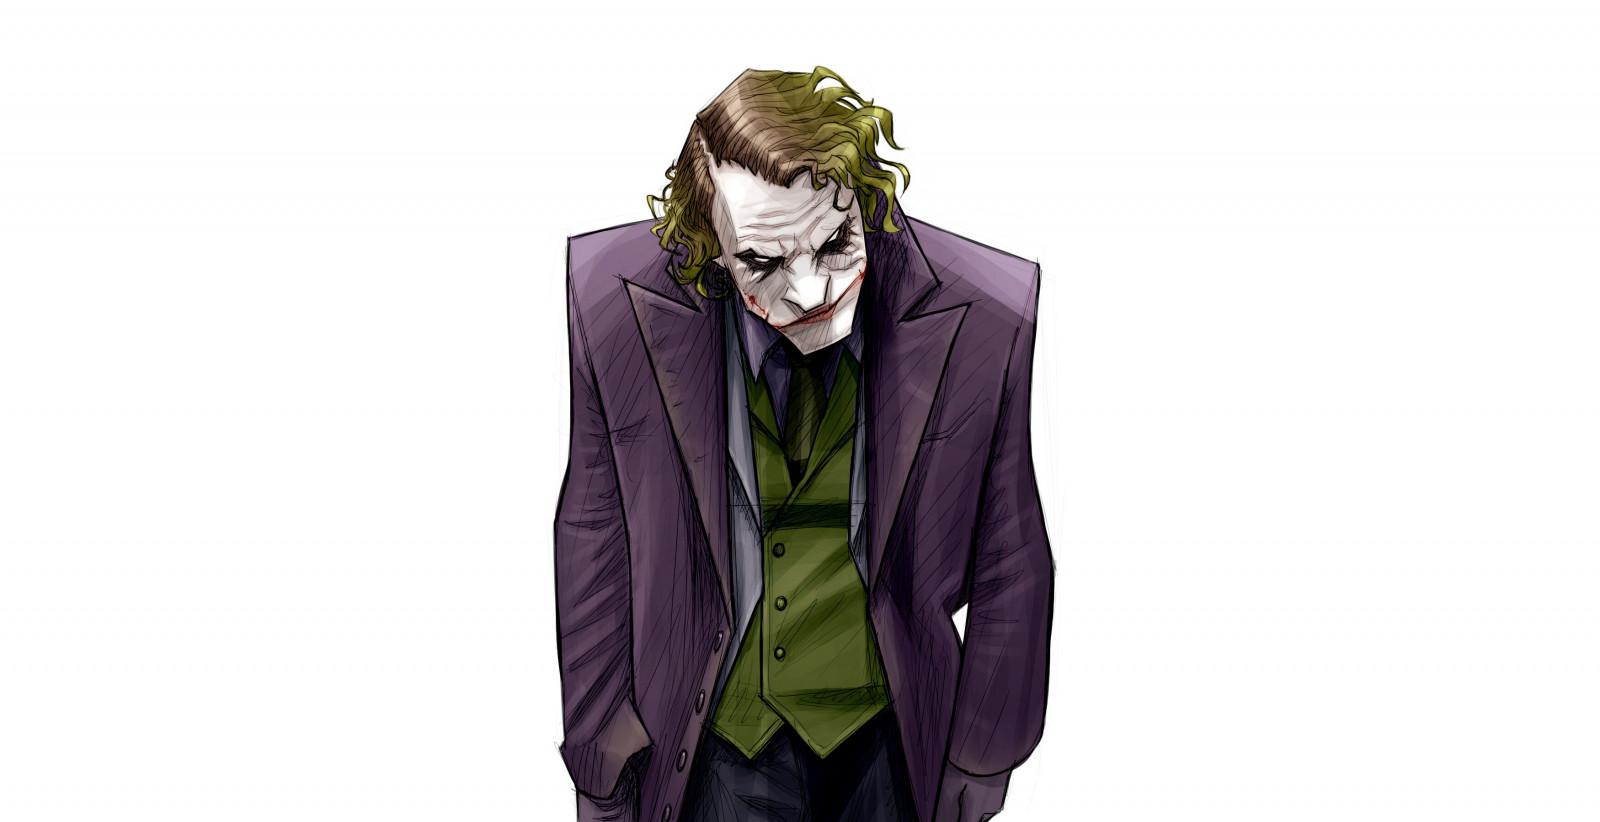 Wallpaper : Joker, artwork, simple background, white ...